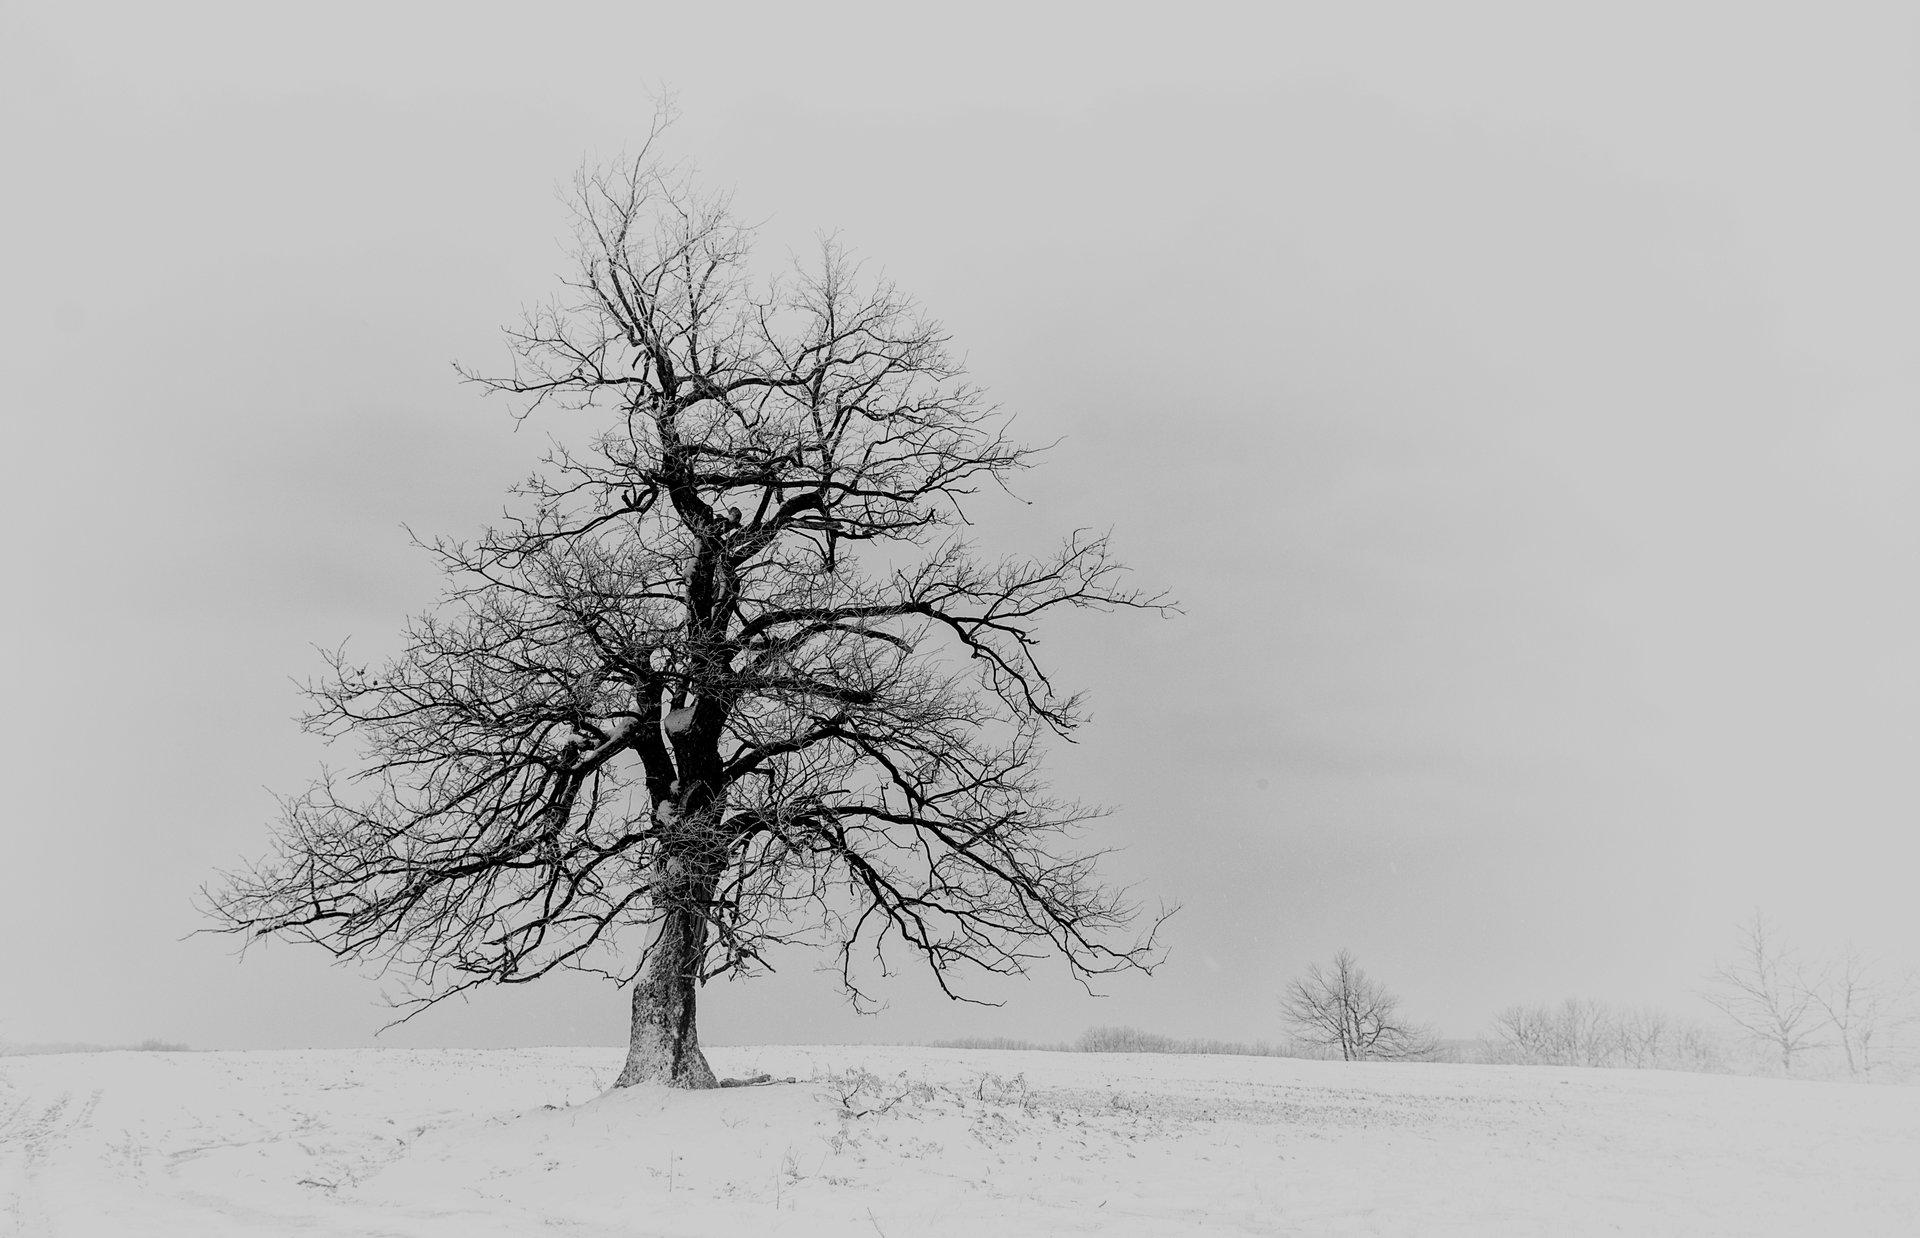 Photo in Minimalistic | Author Nikolaj Dobrev - N.Dobrev | PHOTO FORUM